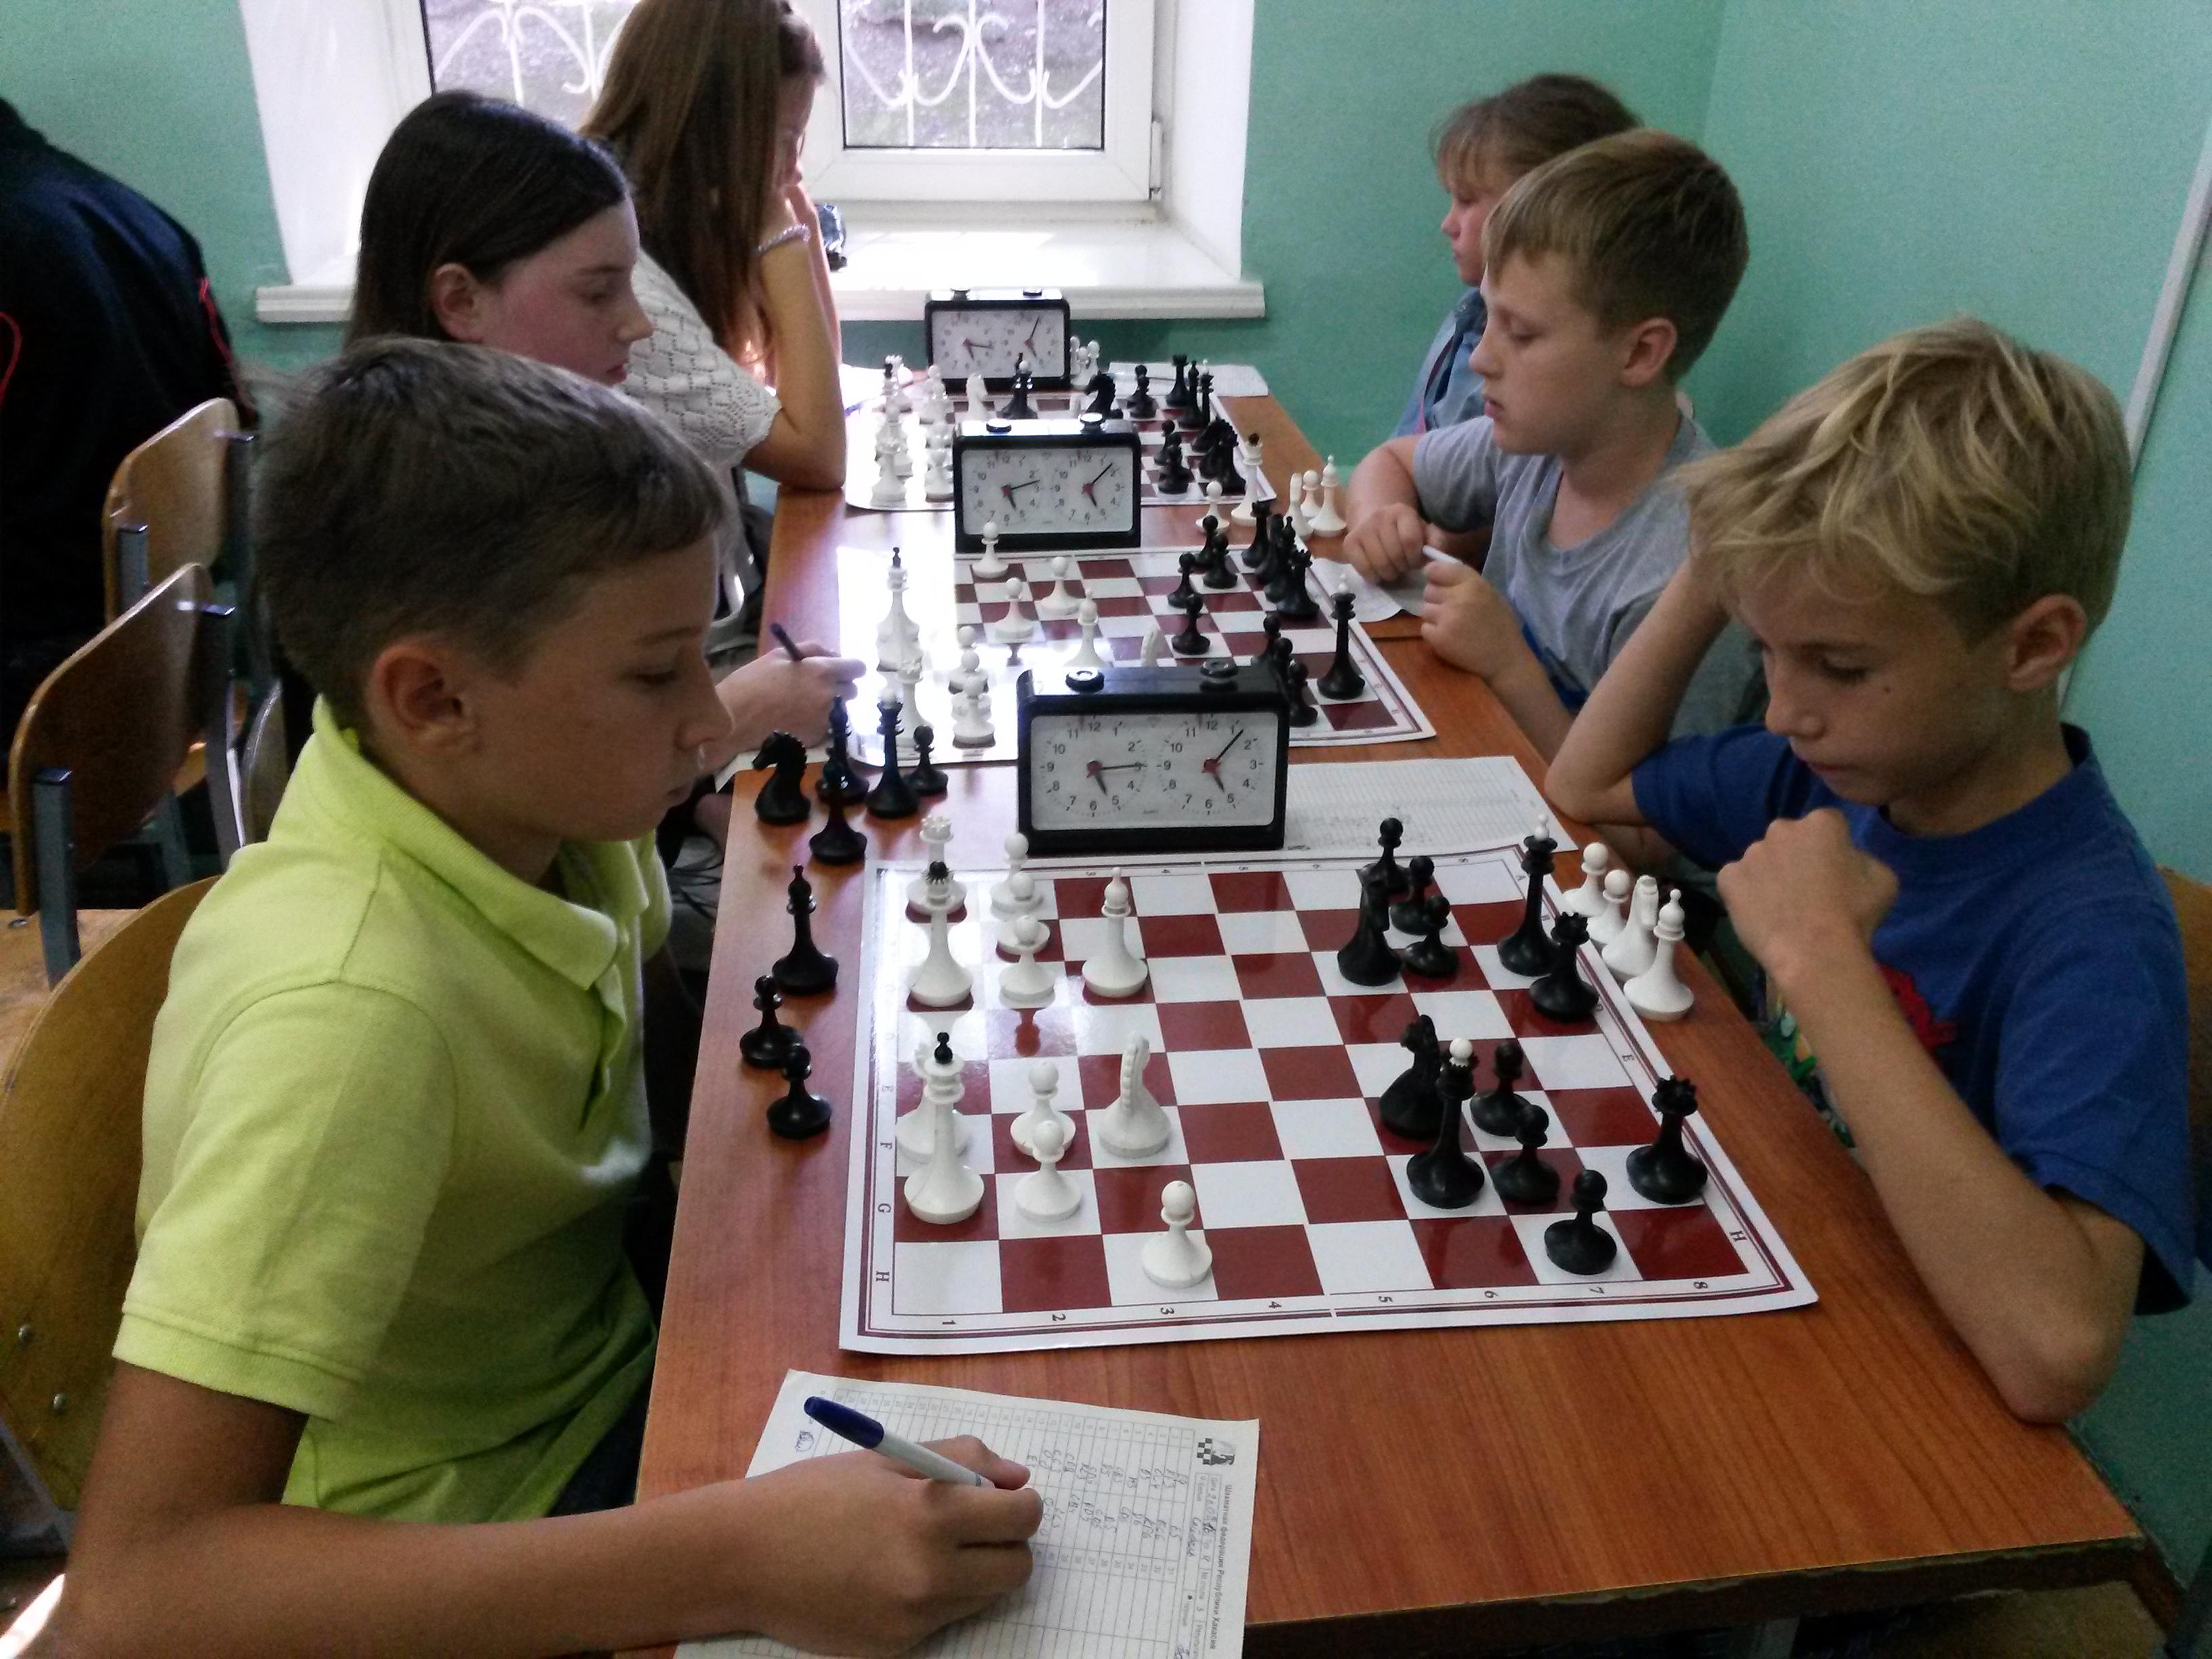 В турнире без рейтинга не менее жаркие баталии! Сражаются Данил Сейбель(слева) и Максим Байкалов.